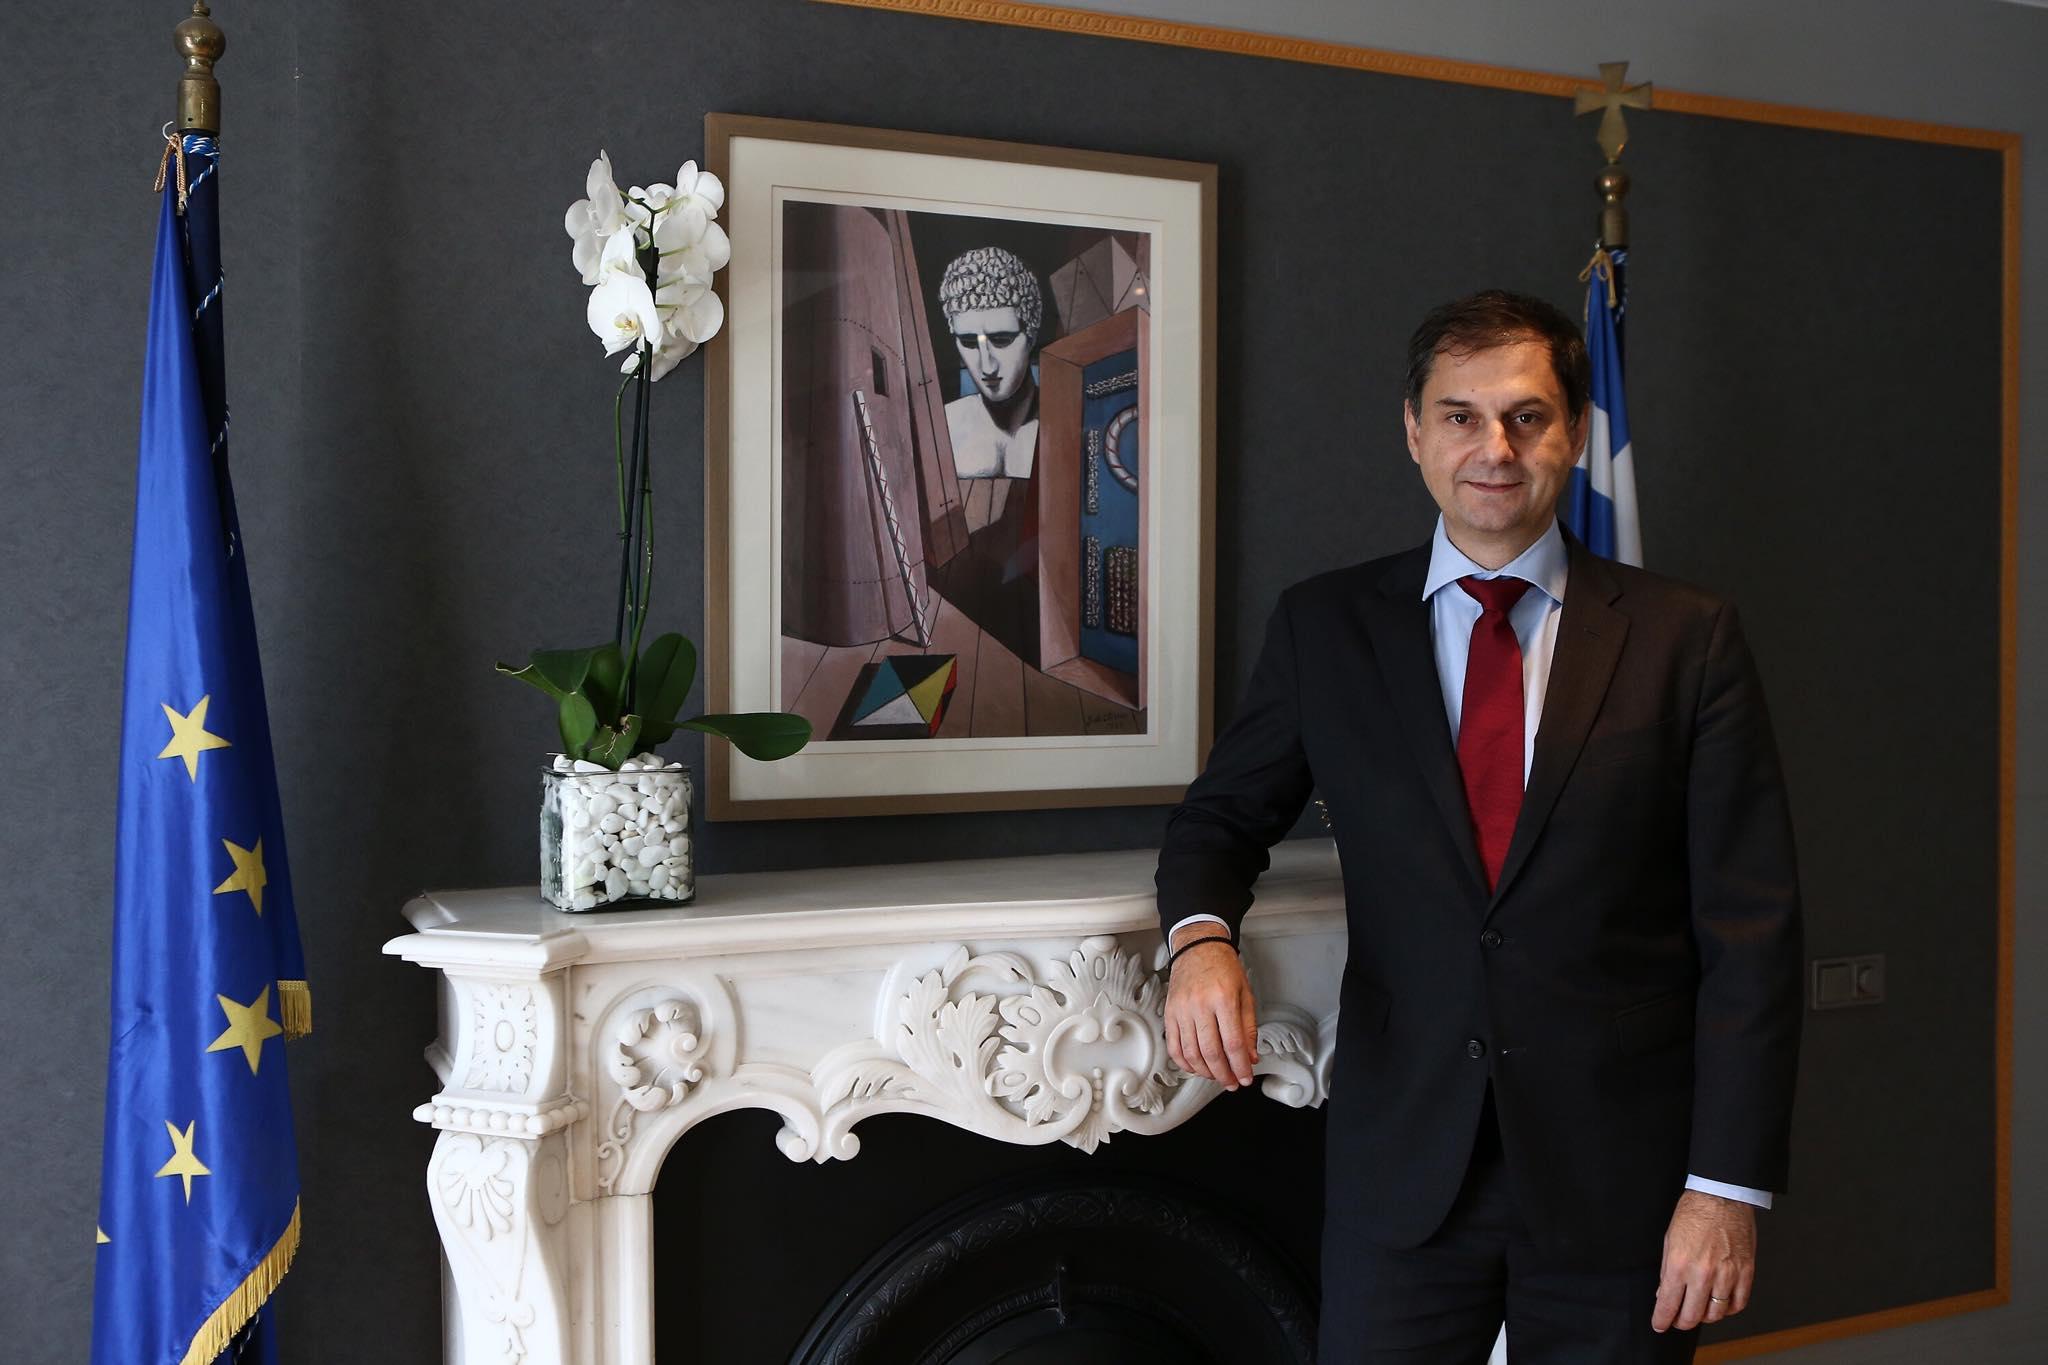 Επίσημη επίσκεψη του Υπουργού Τουρισμού κ. Χάρη Θεοχάρη στη Σερβία